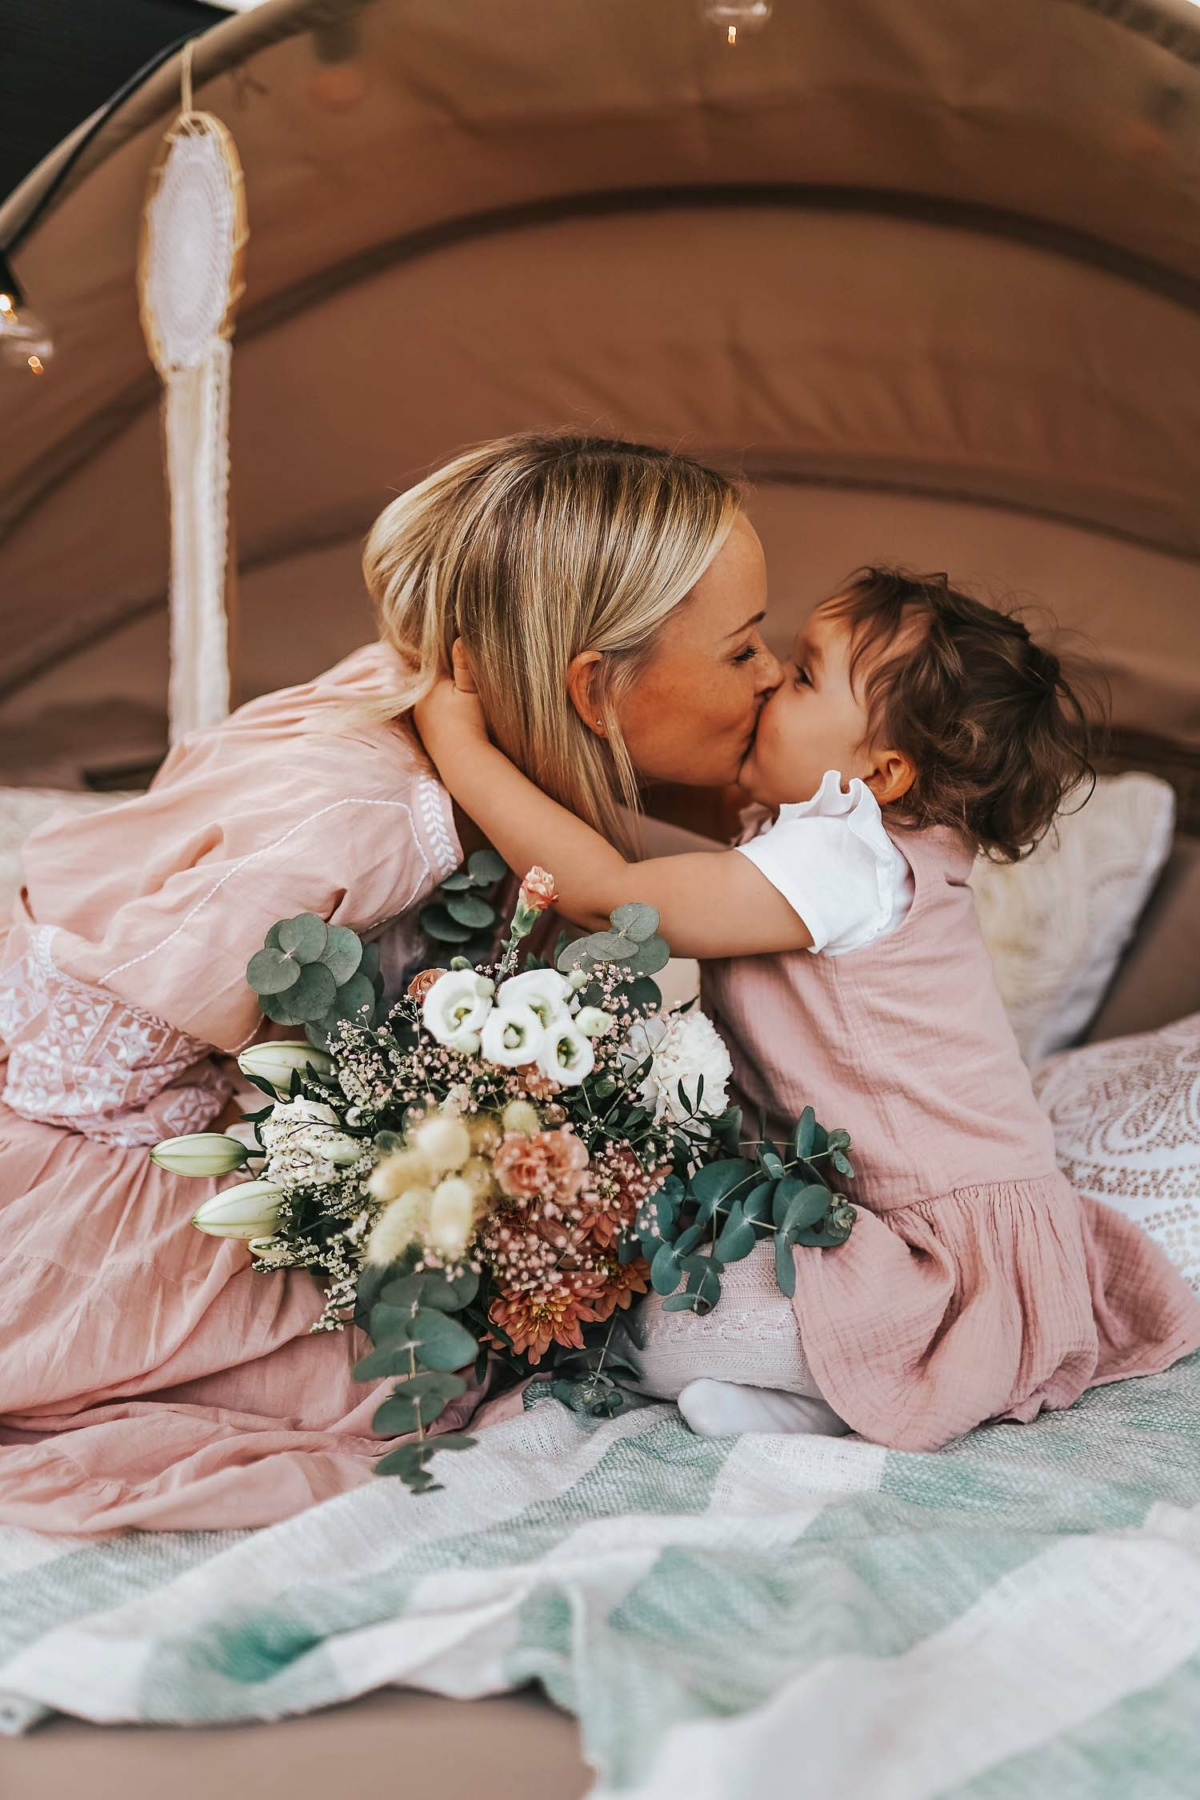 stylingliebe-juliamosig-achtsamkeit-mamablog-familienblog-muenchen-elternblog-mamablogger-familienblog-ostern-2020-und-erinnerungen-fuer-die-ewigkeit-3